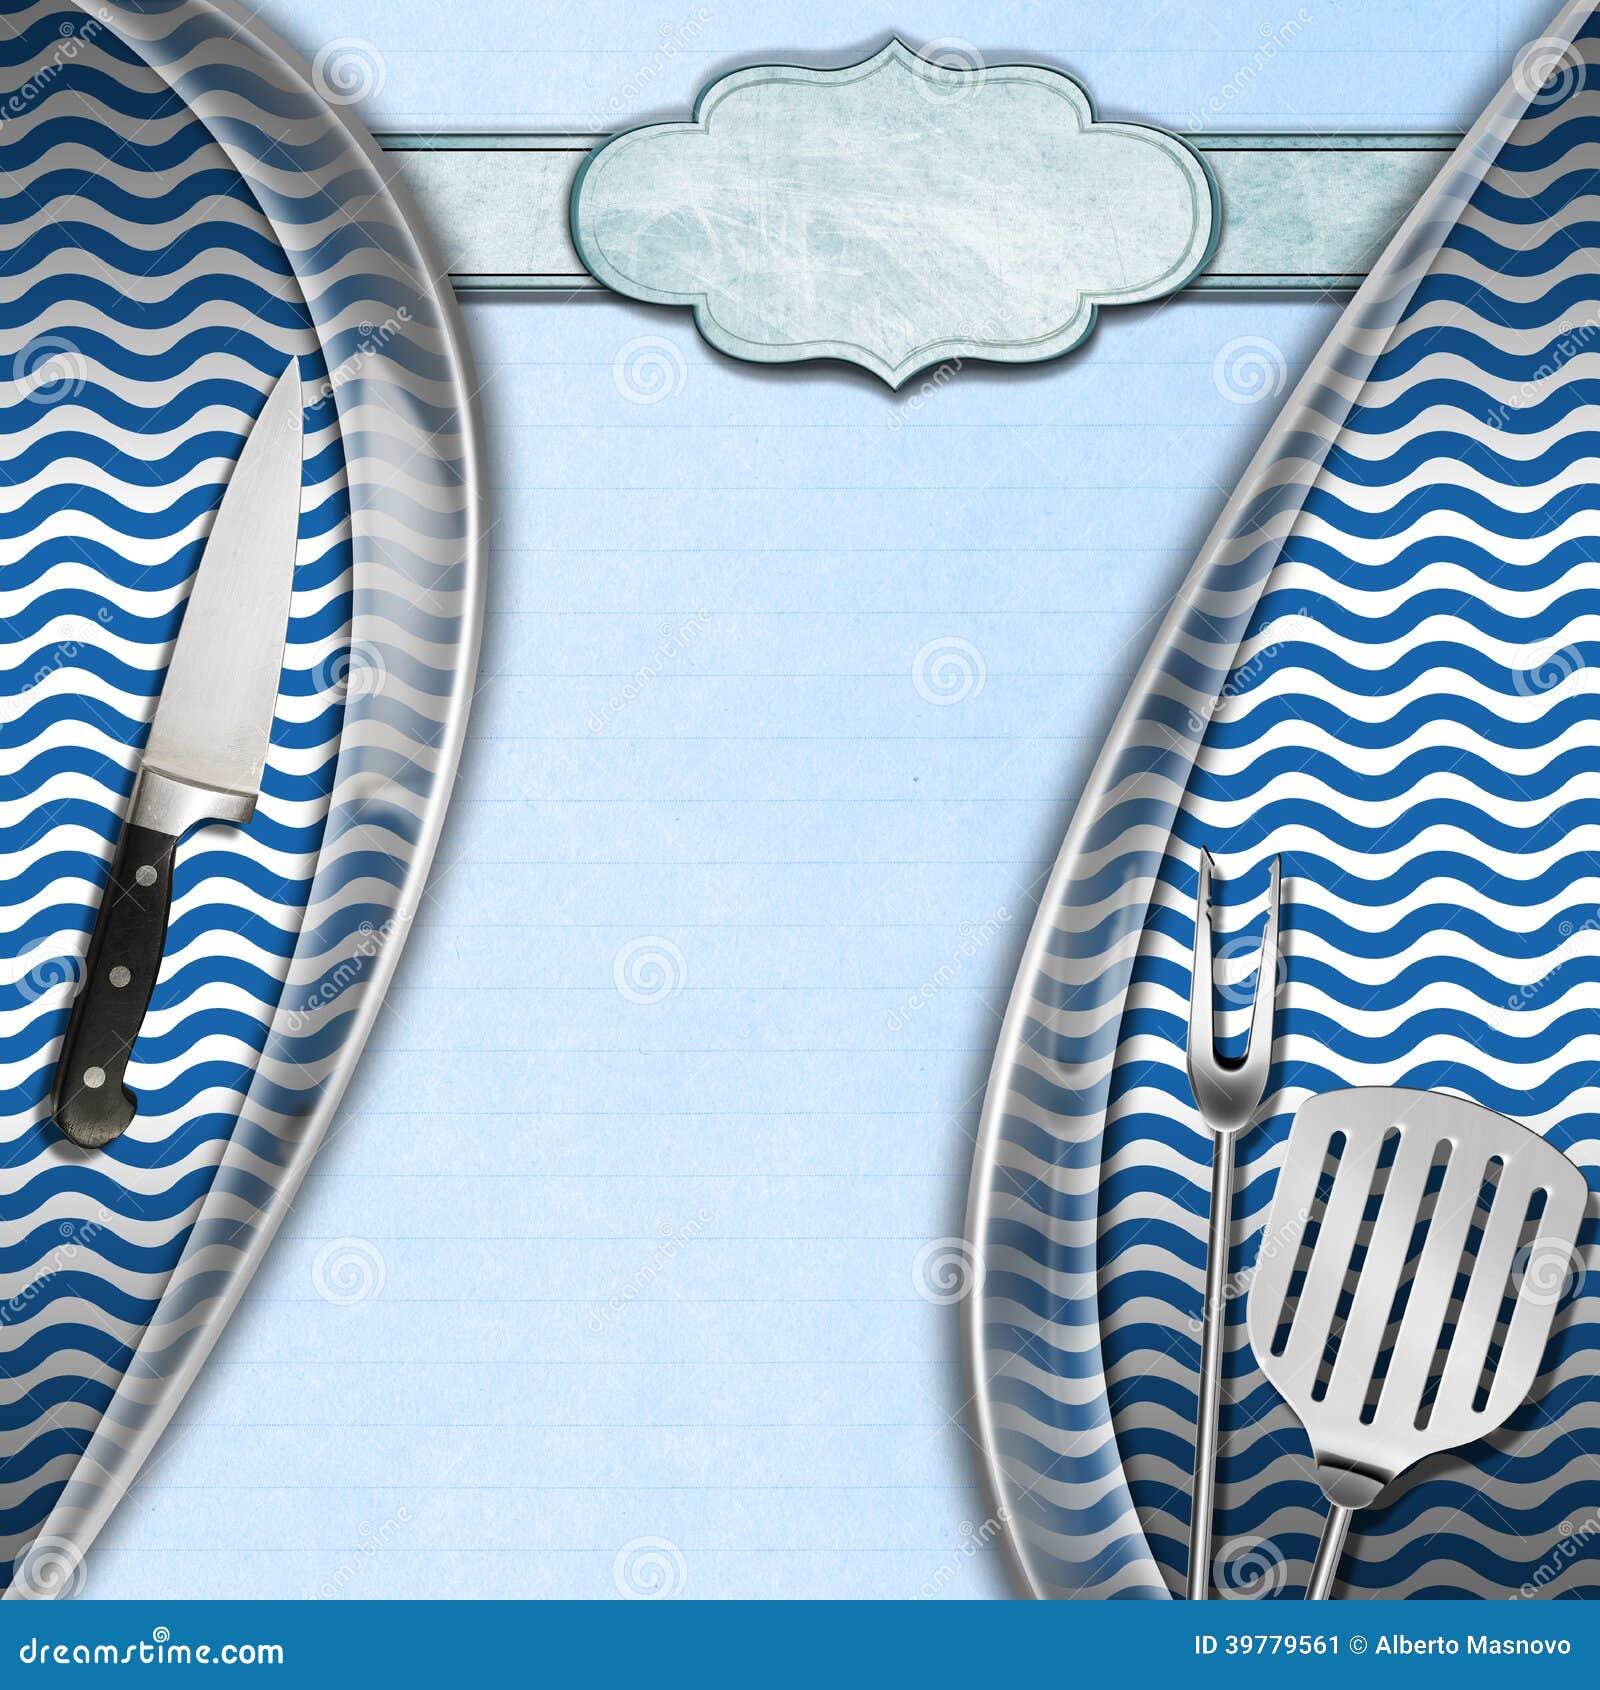 Seafood Menu Template Stock Illustration Image 39779561